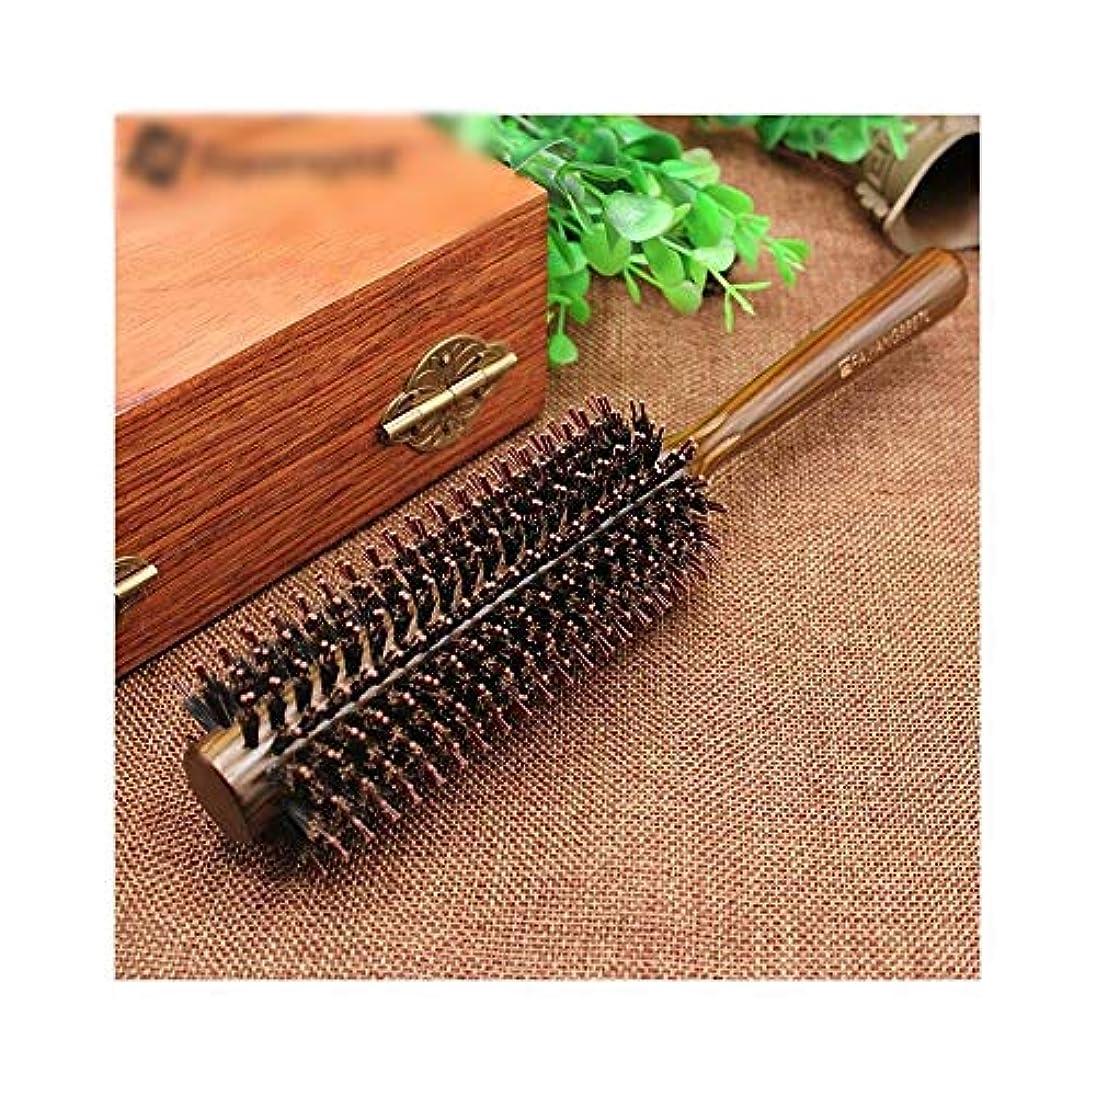 取り組む割り当て挨拶ヘアコーム理髪くし ヘアーサロンのヘアデザインのためのローリングくしシリンダー木製ハンドルくし ヘアスタイリングコーム (Size : S)